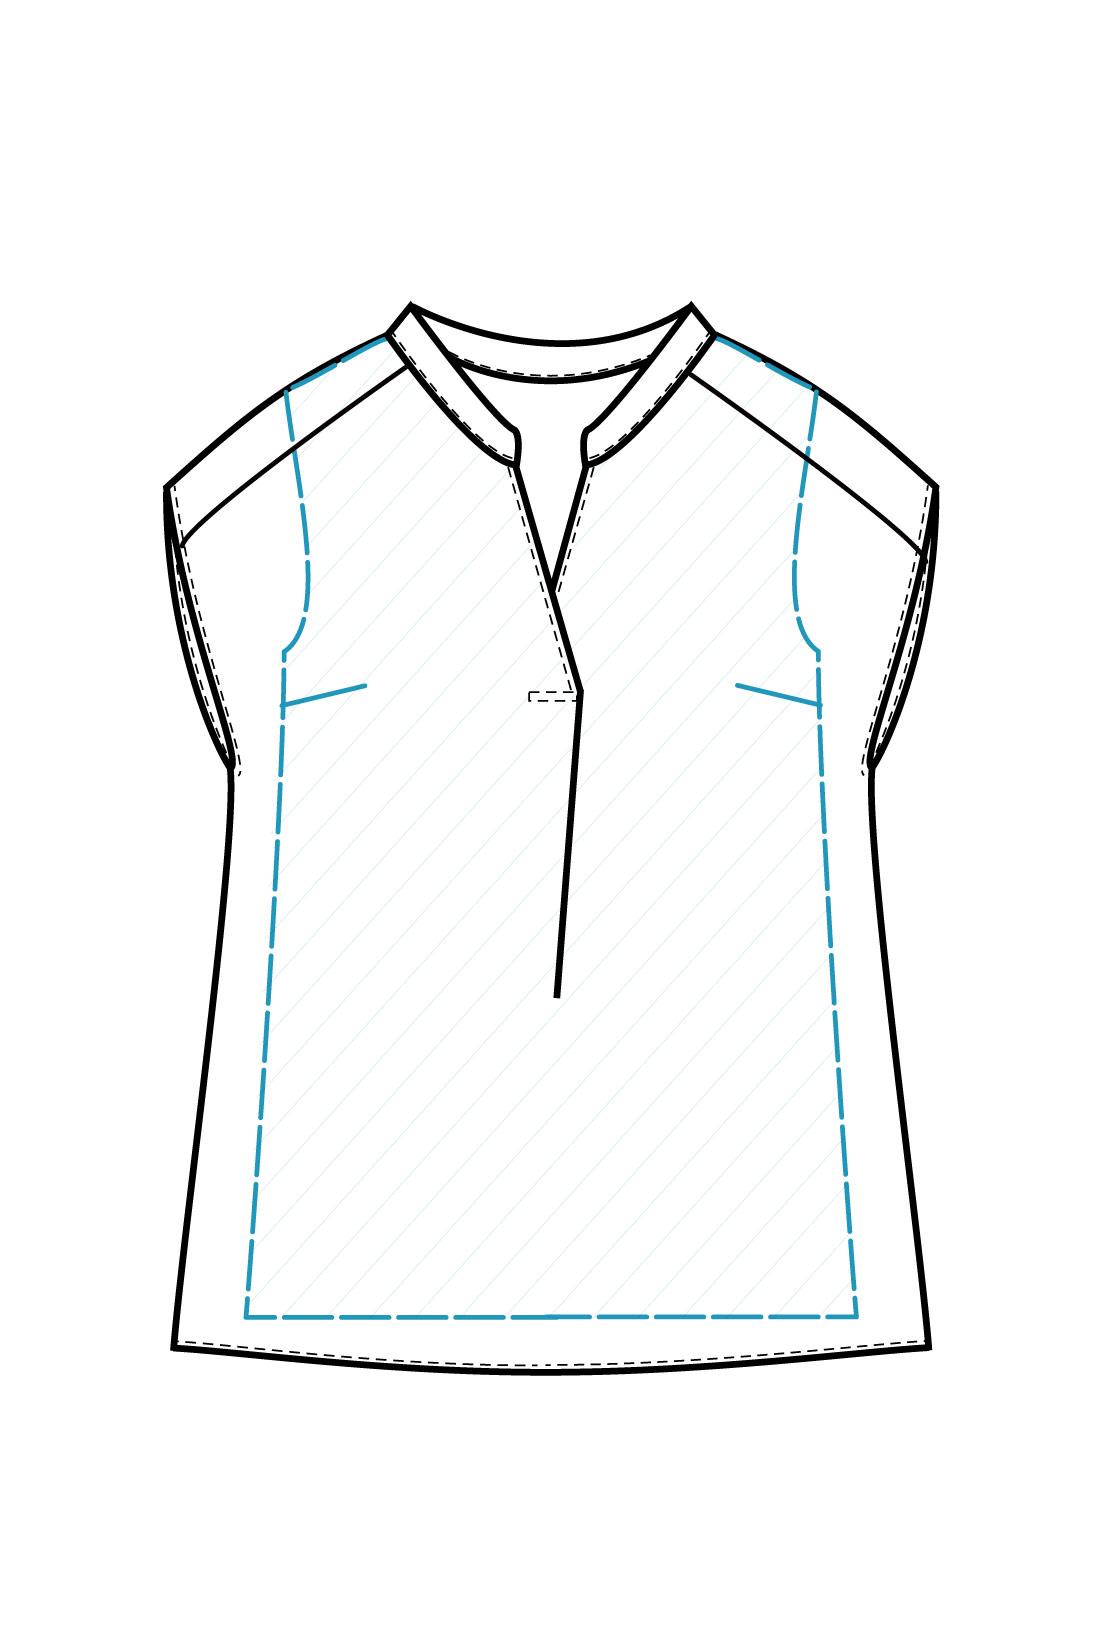 インナー一体型の二枚仕立て インナー付きだから、シフォンの透け感を気にせず一枚で着られます。